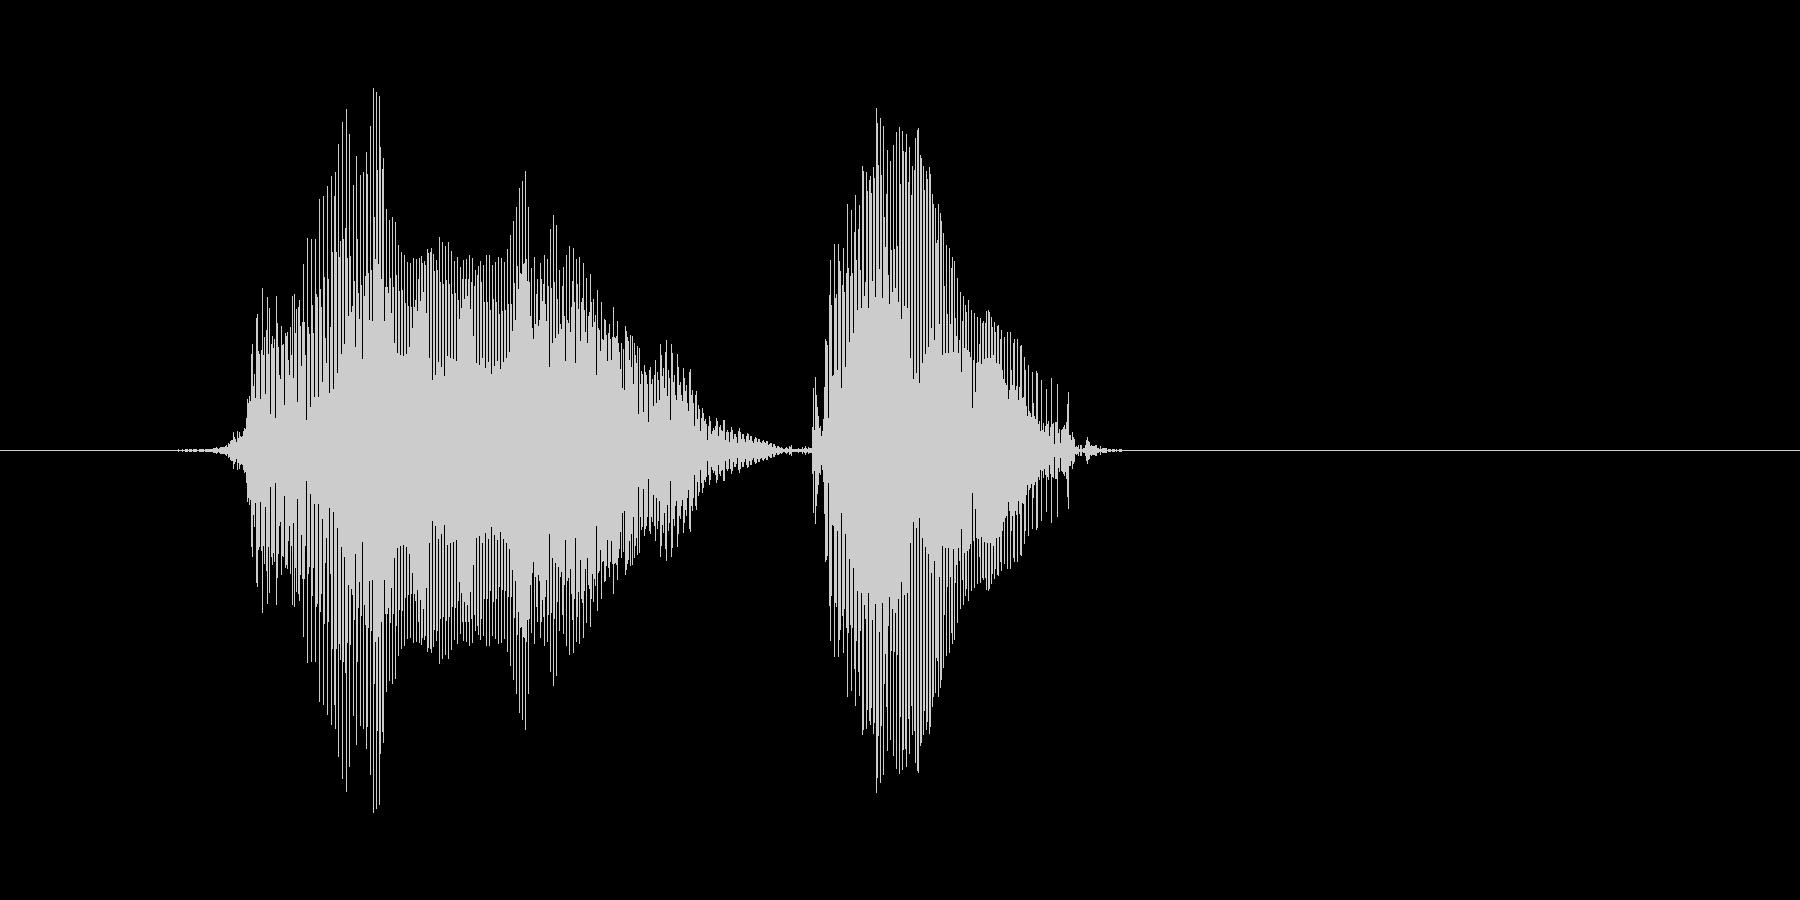 「よーい ドン」の未再生の波形